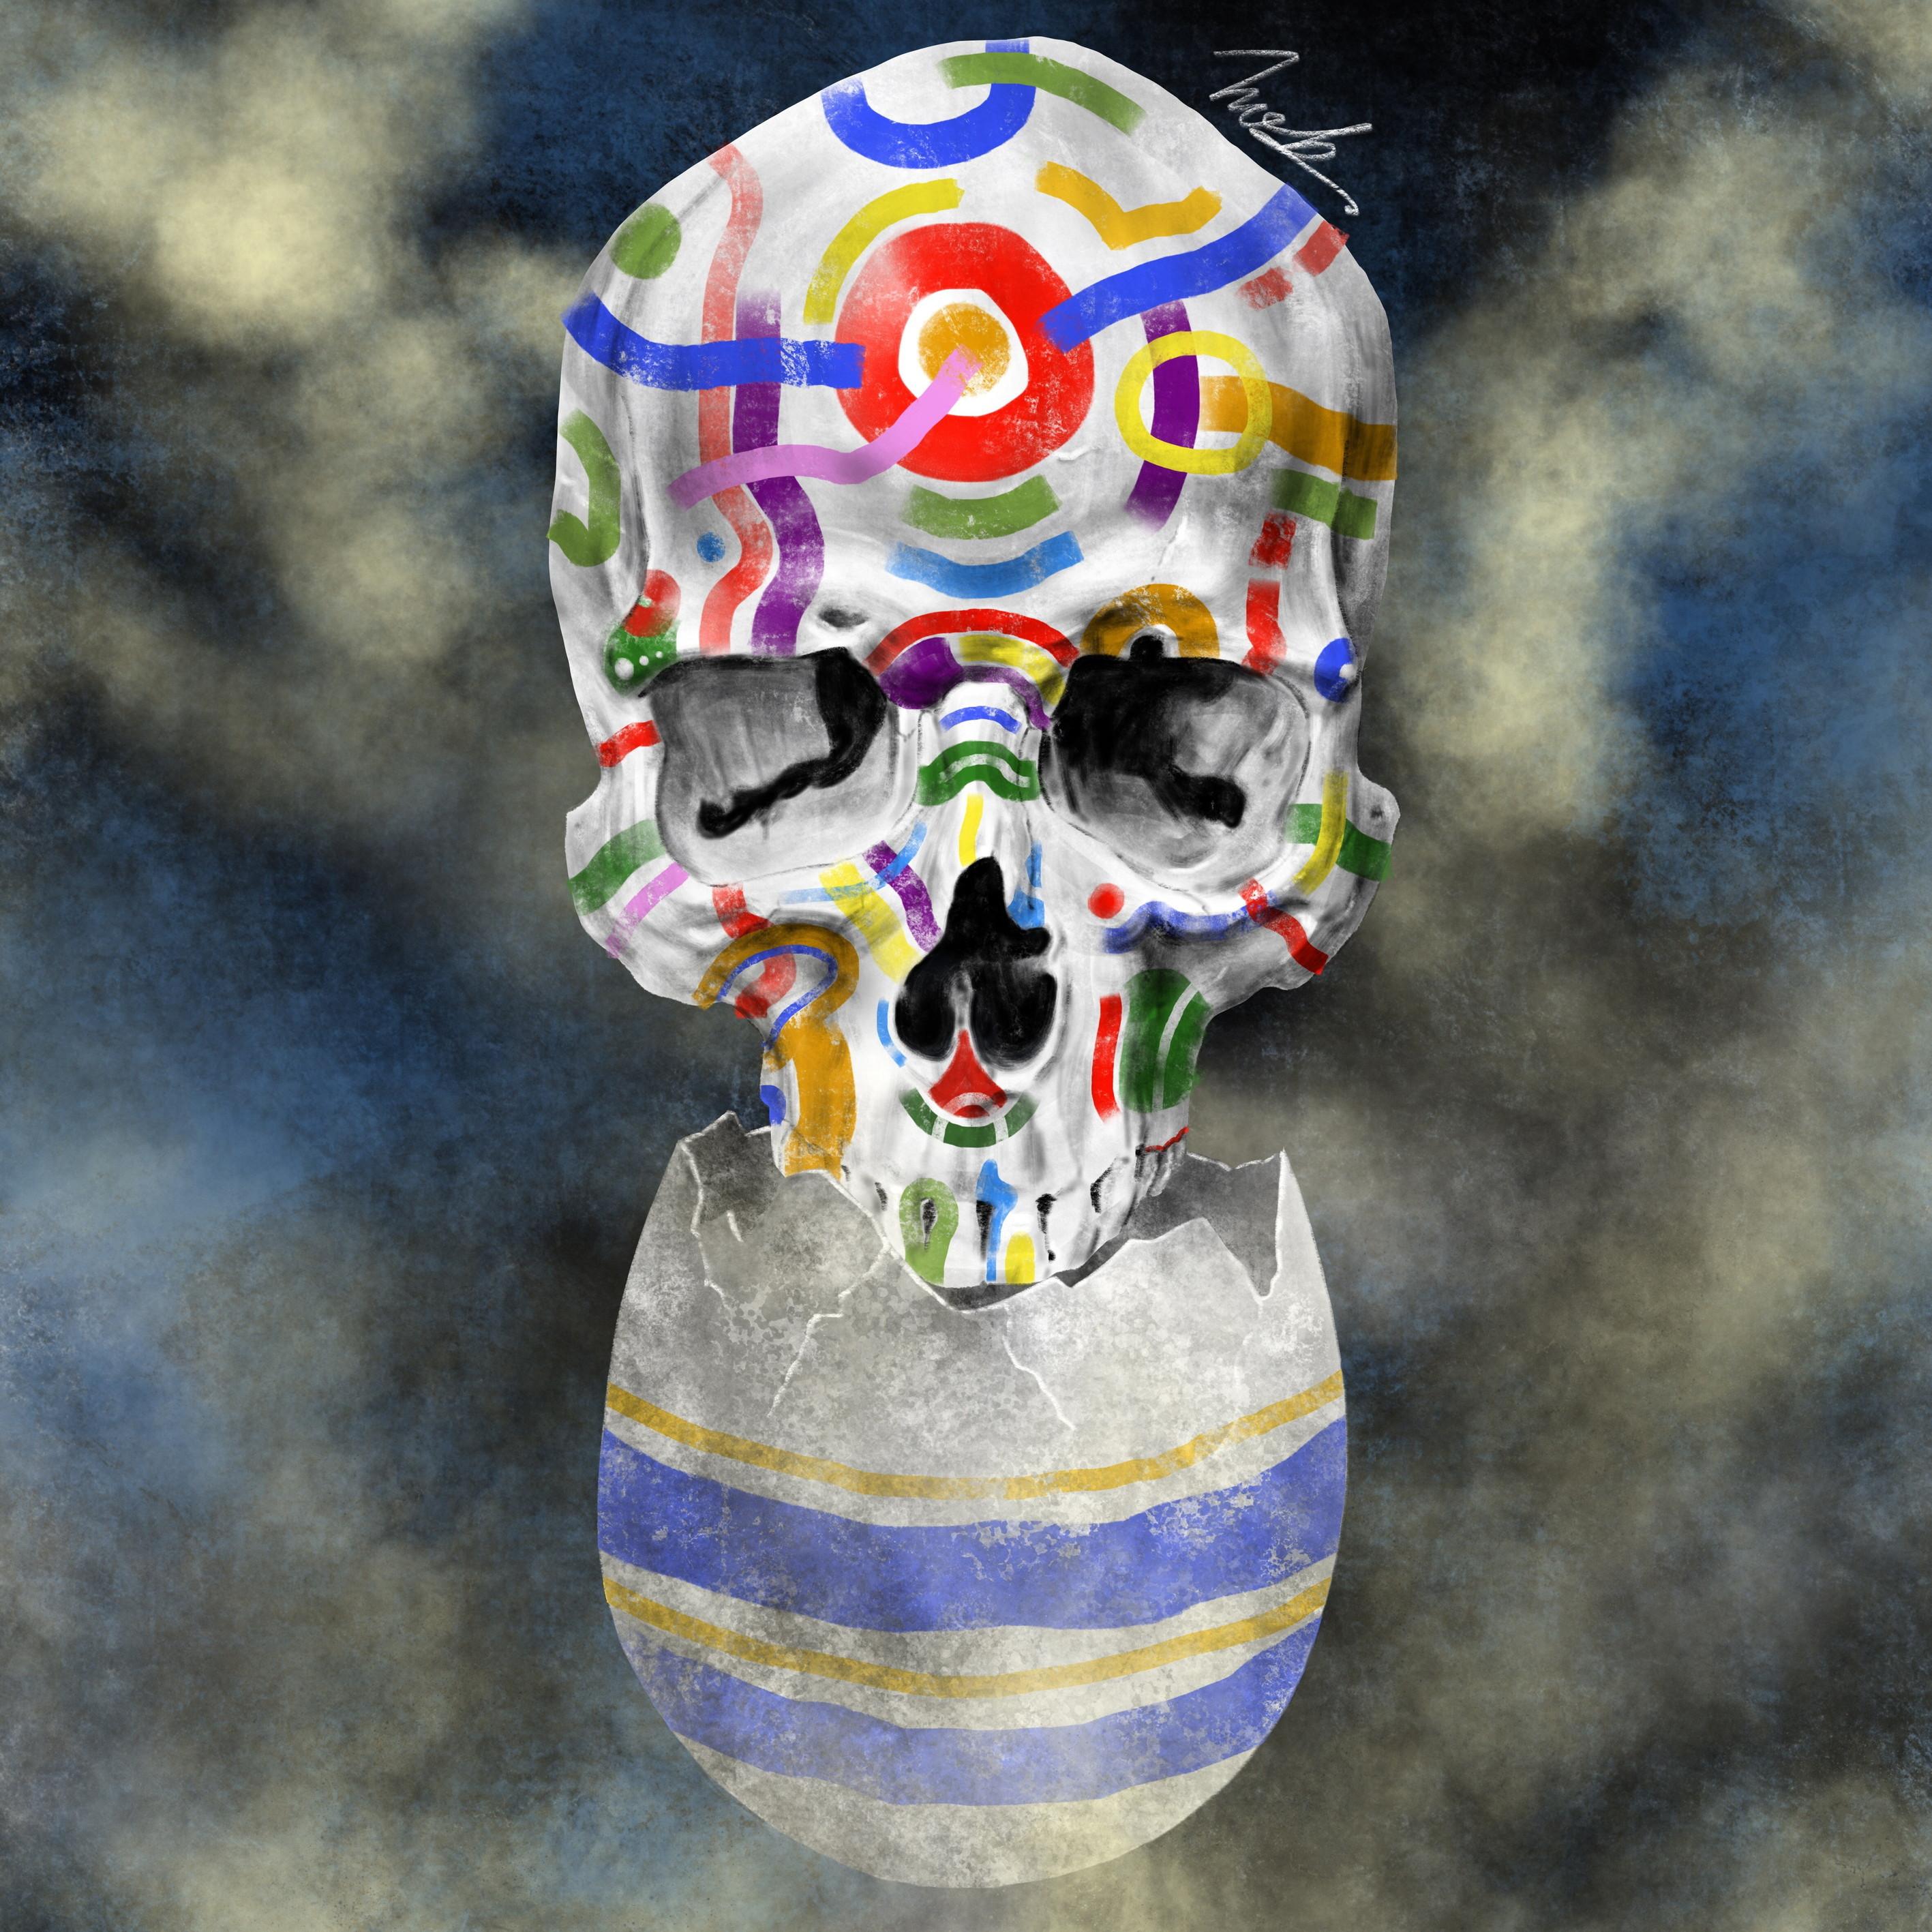 絵画 絵 ピクチャー 縁起画 モダン シェアハウス アートパネル アート art 14cm×14cm 一人暮らし 送料無料 インテリア 雑貨 壁掛け 置物 おしゃれ ロココロ 現代アート ドクロ 髑髏 どくろ 骸骨 画家 : nob 作品 : L&D